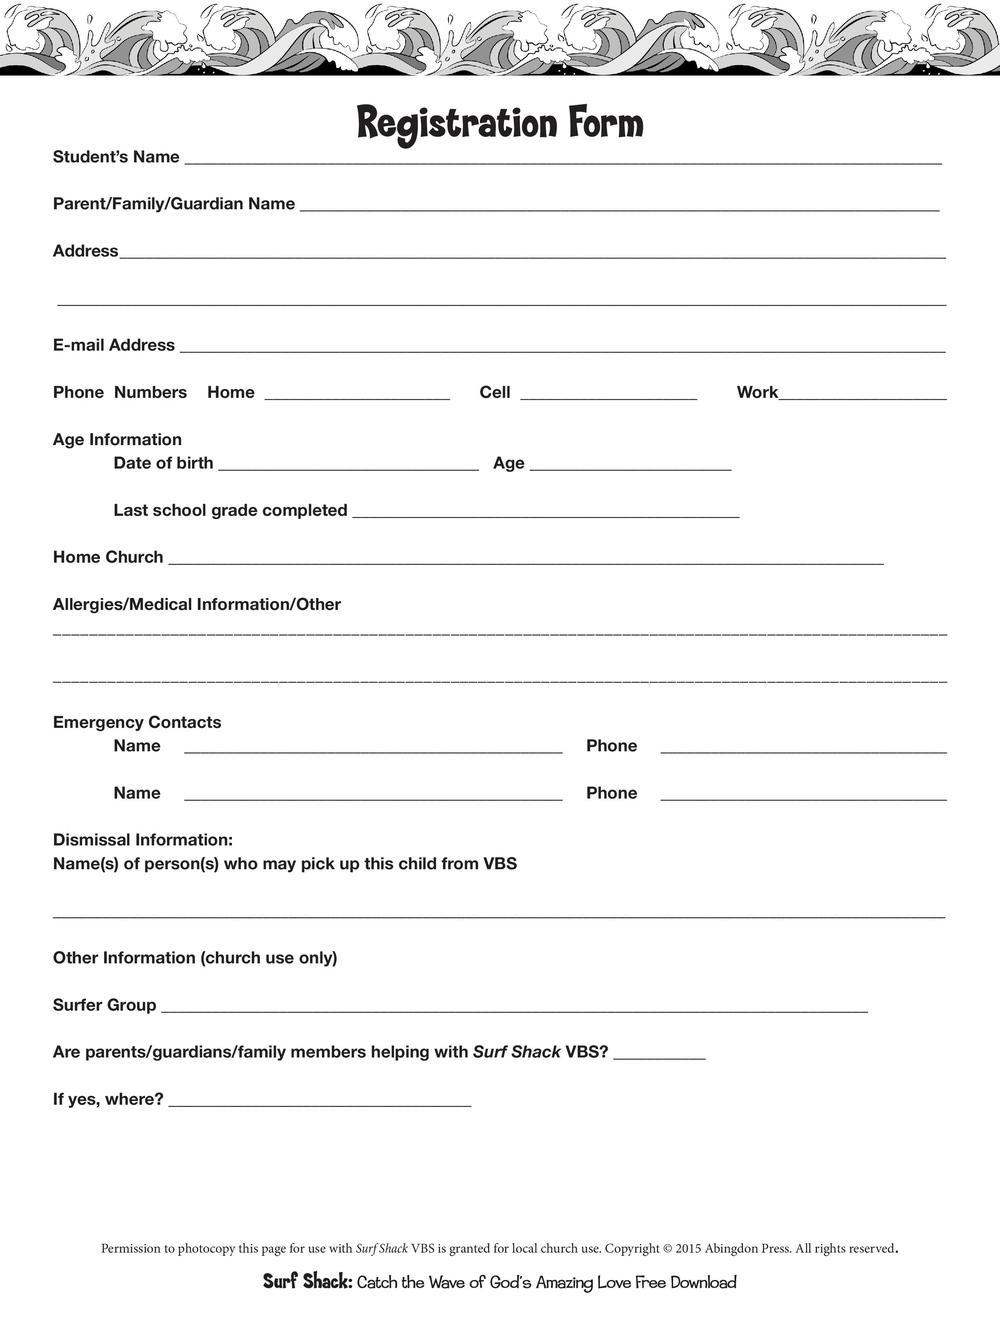 REGISTRATION FORM FOR SURF SHACK VBS (Click to download full version0